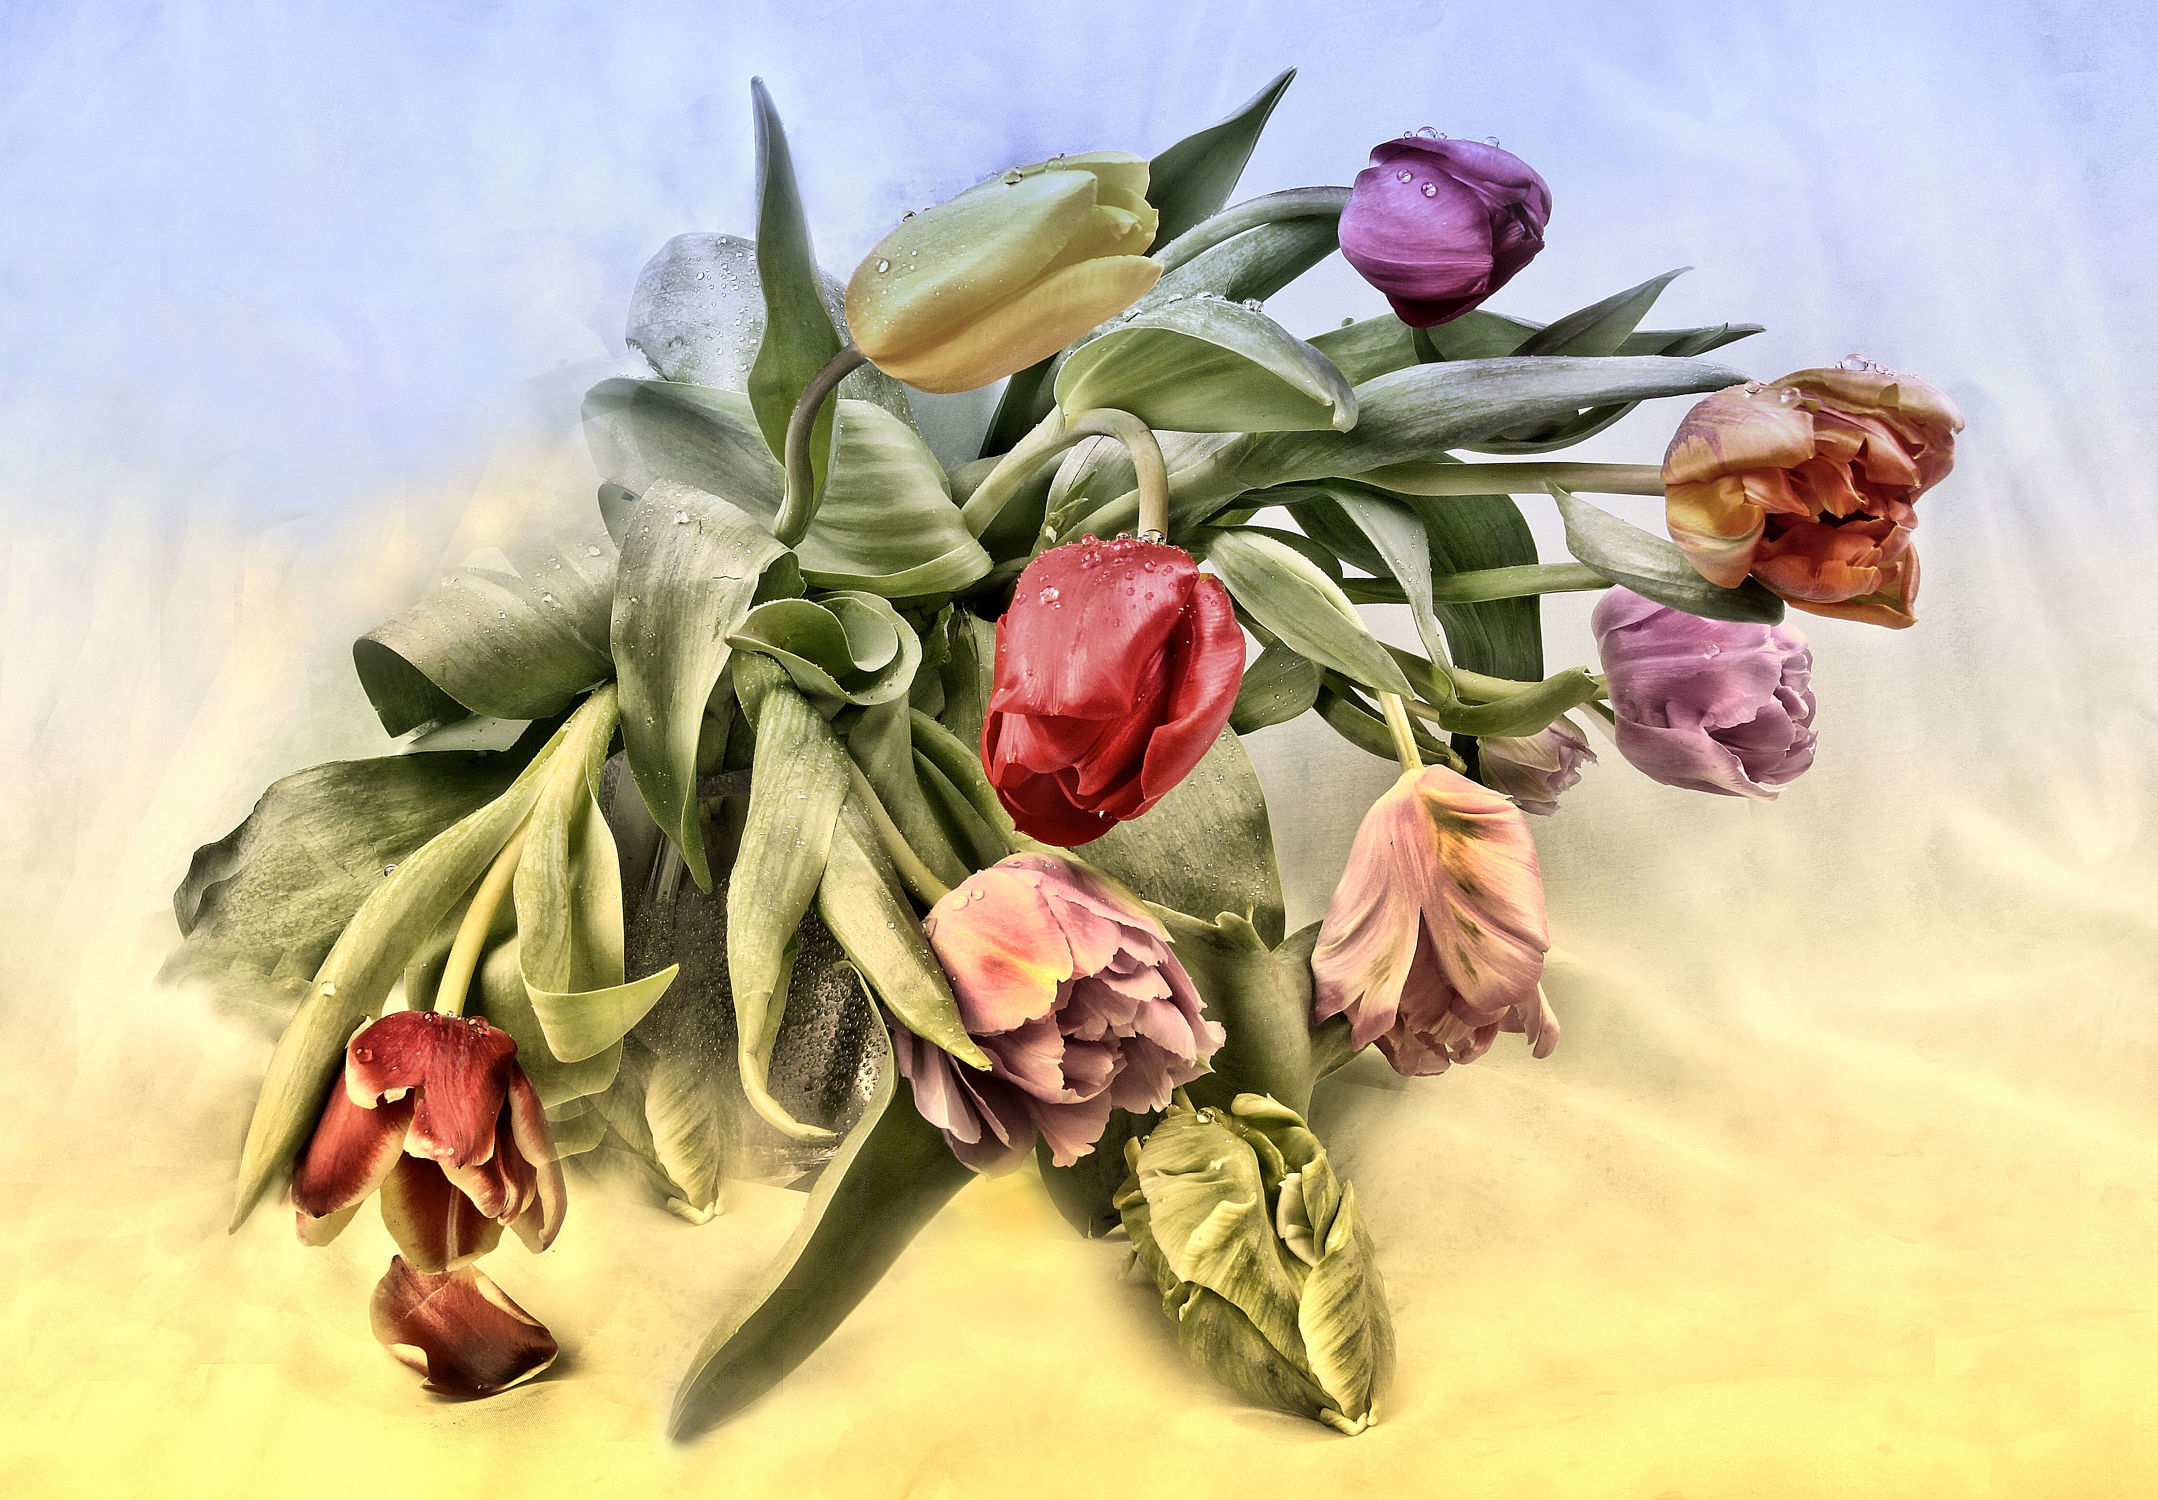 Bild mit Pflanzen, Blätter, Tulpe, Tulpen, Blatt, Wassertropfen, Floral, Stilleben, Blüten, Florales, dekorativ